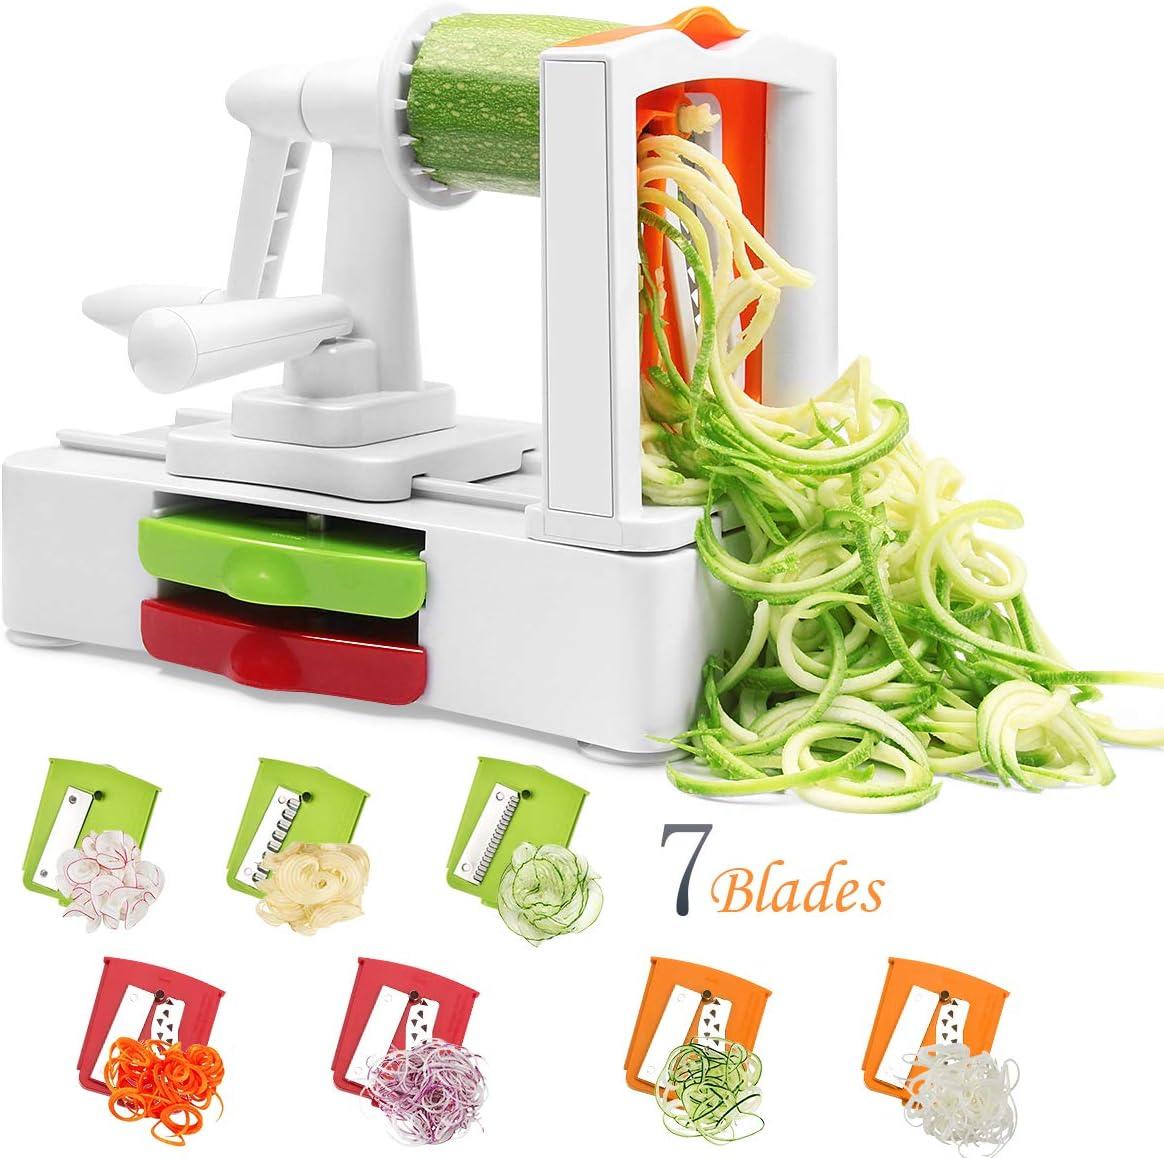 Corafei 7 Blades Spiralizer Vegetable Spiral Slicer Strongest Heaviest Duty